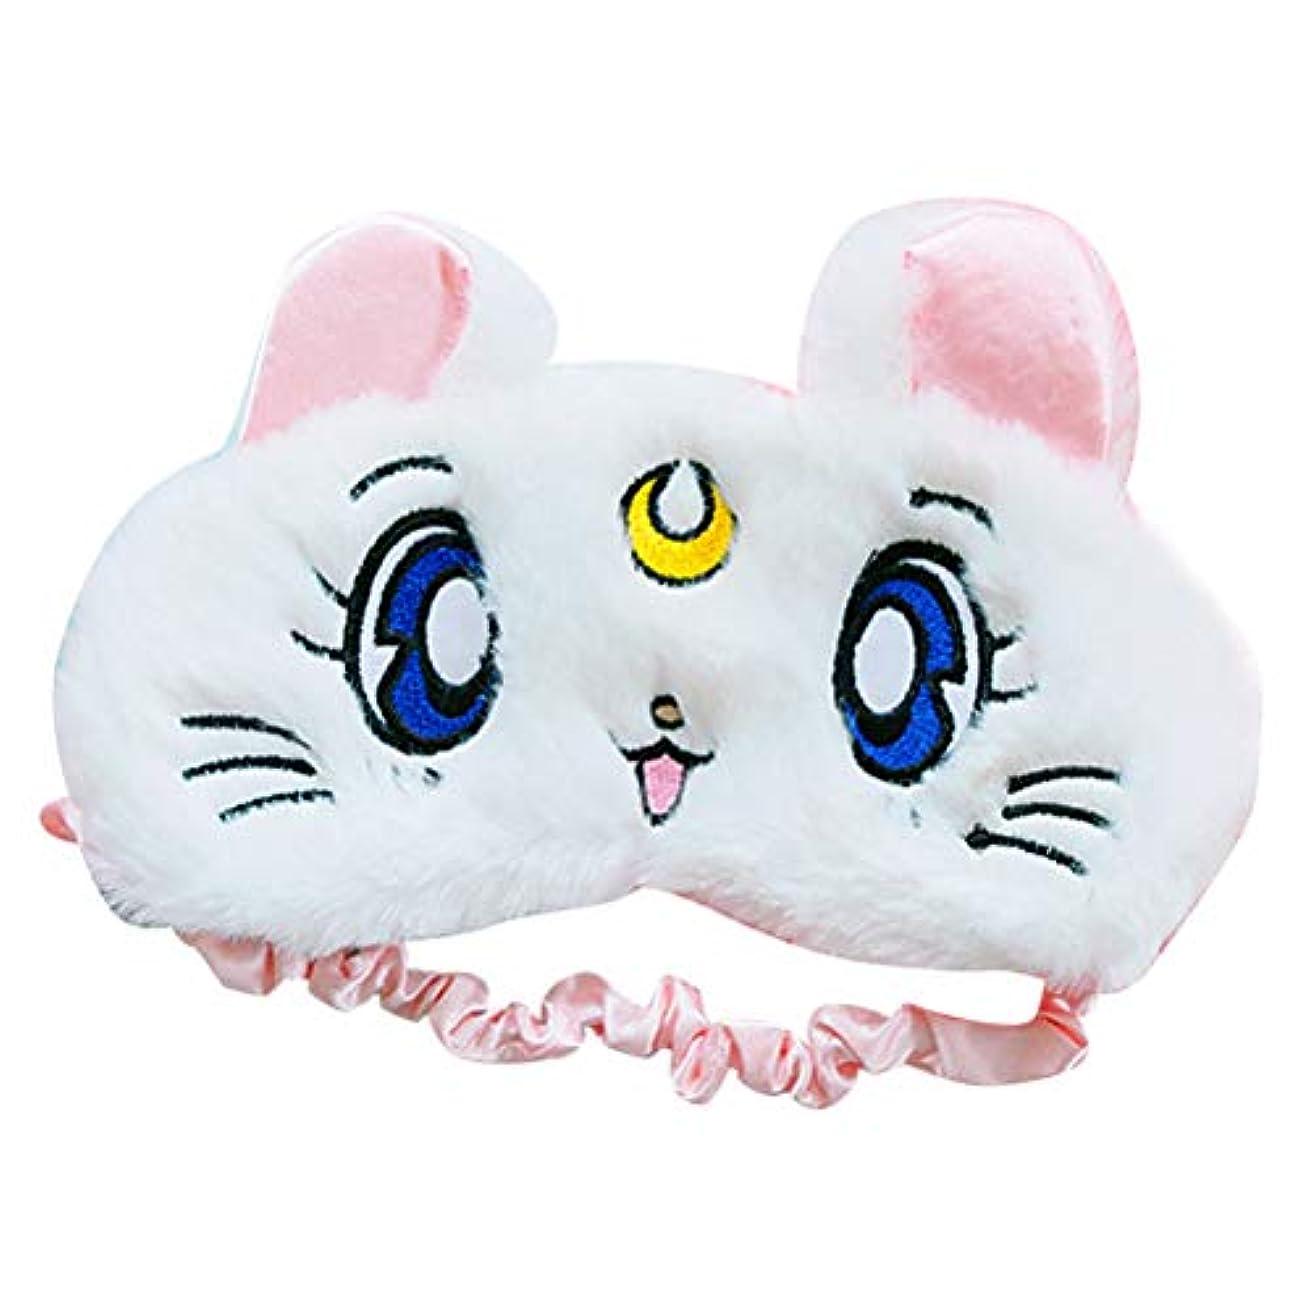 ドラマアヒルプレゼントBSMEAN 猫の目マスクソフトぬいぐるみ睡眠通気性フード内蔵アイスパック漫画アイマスク、白